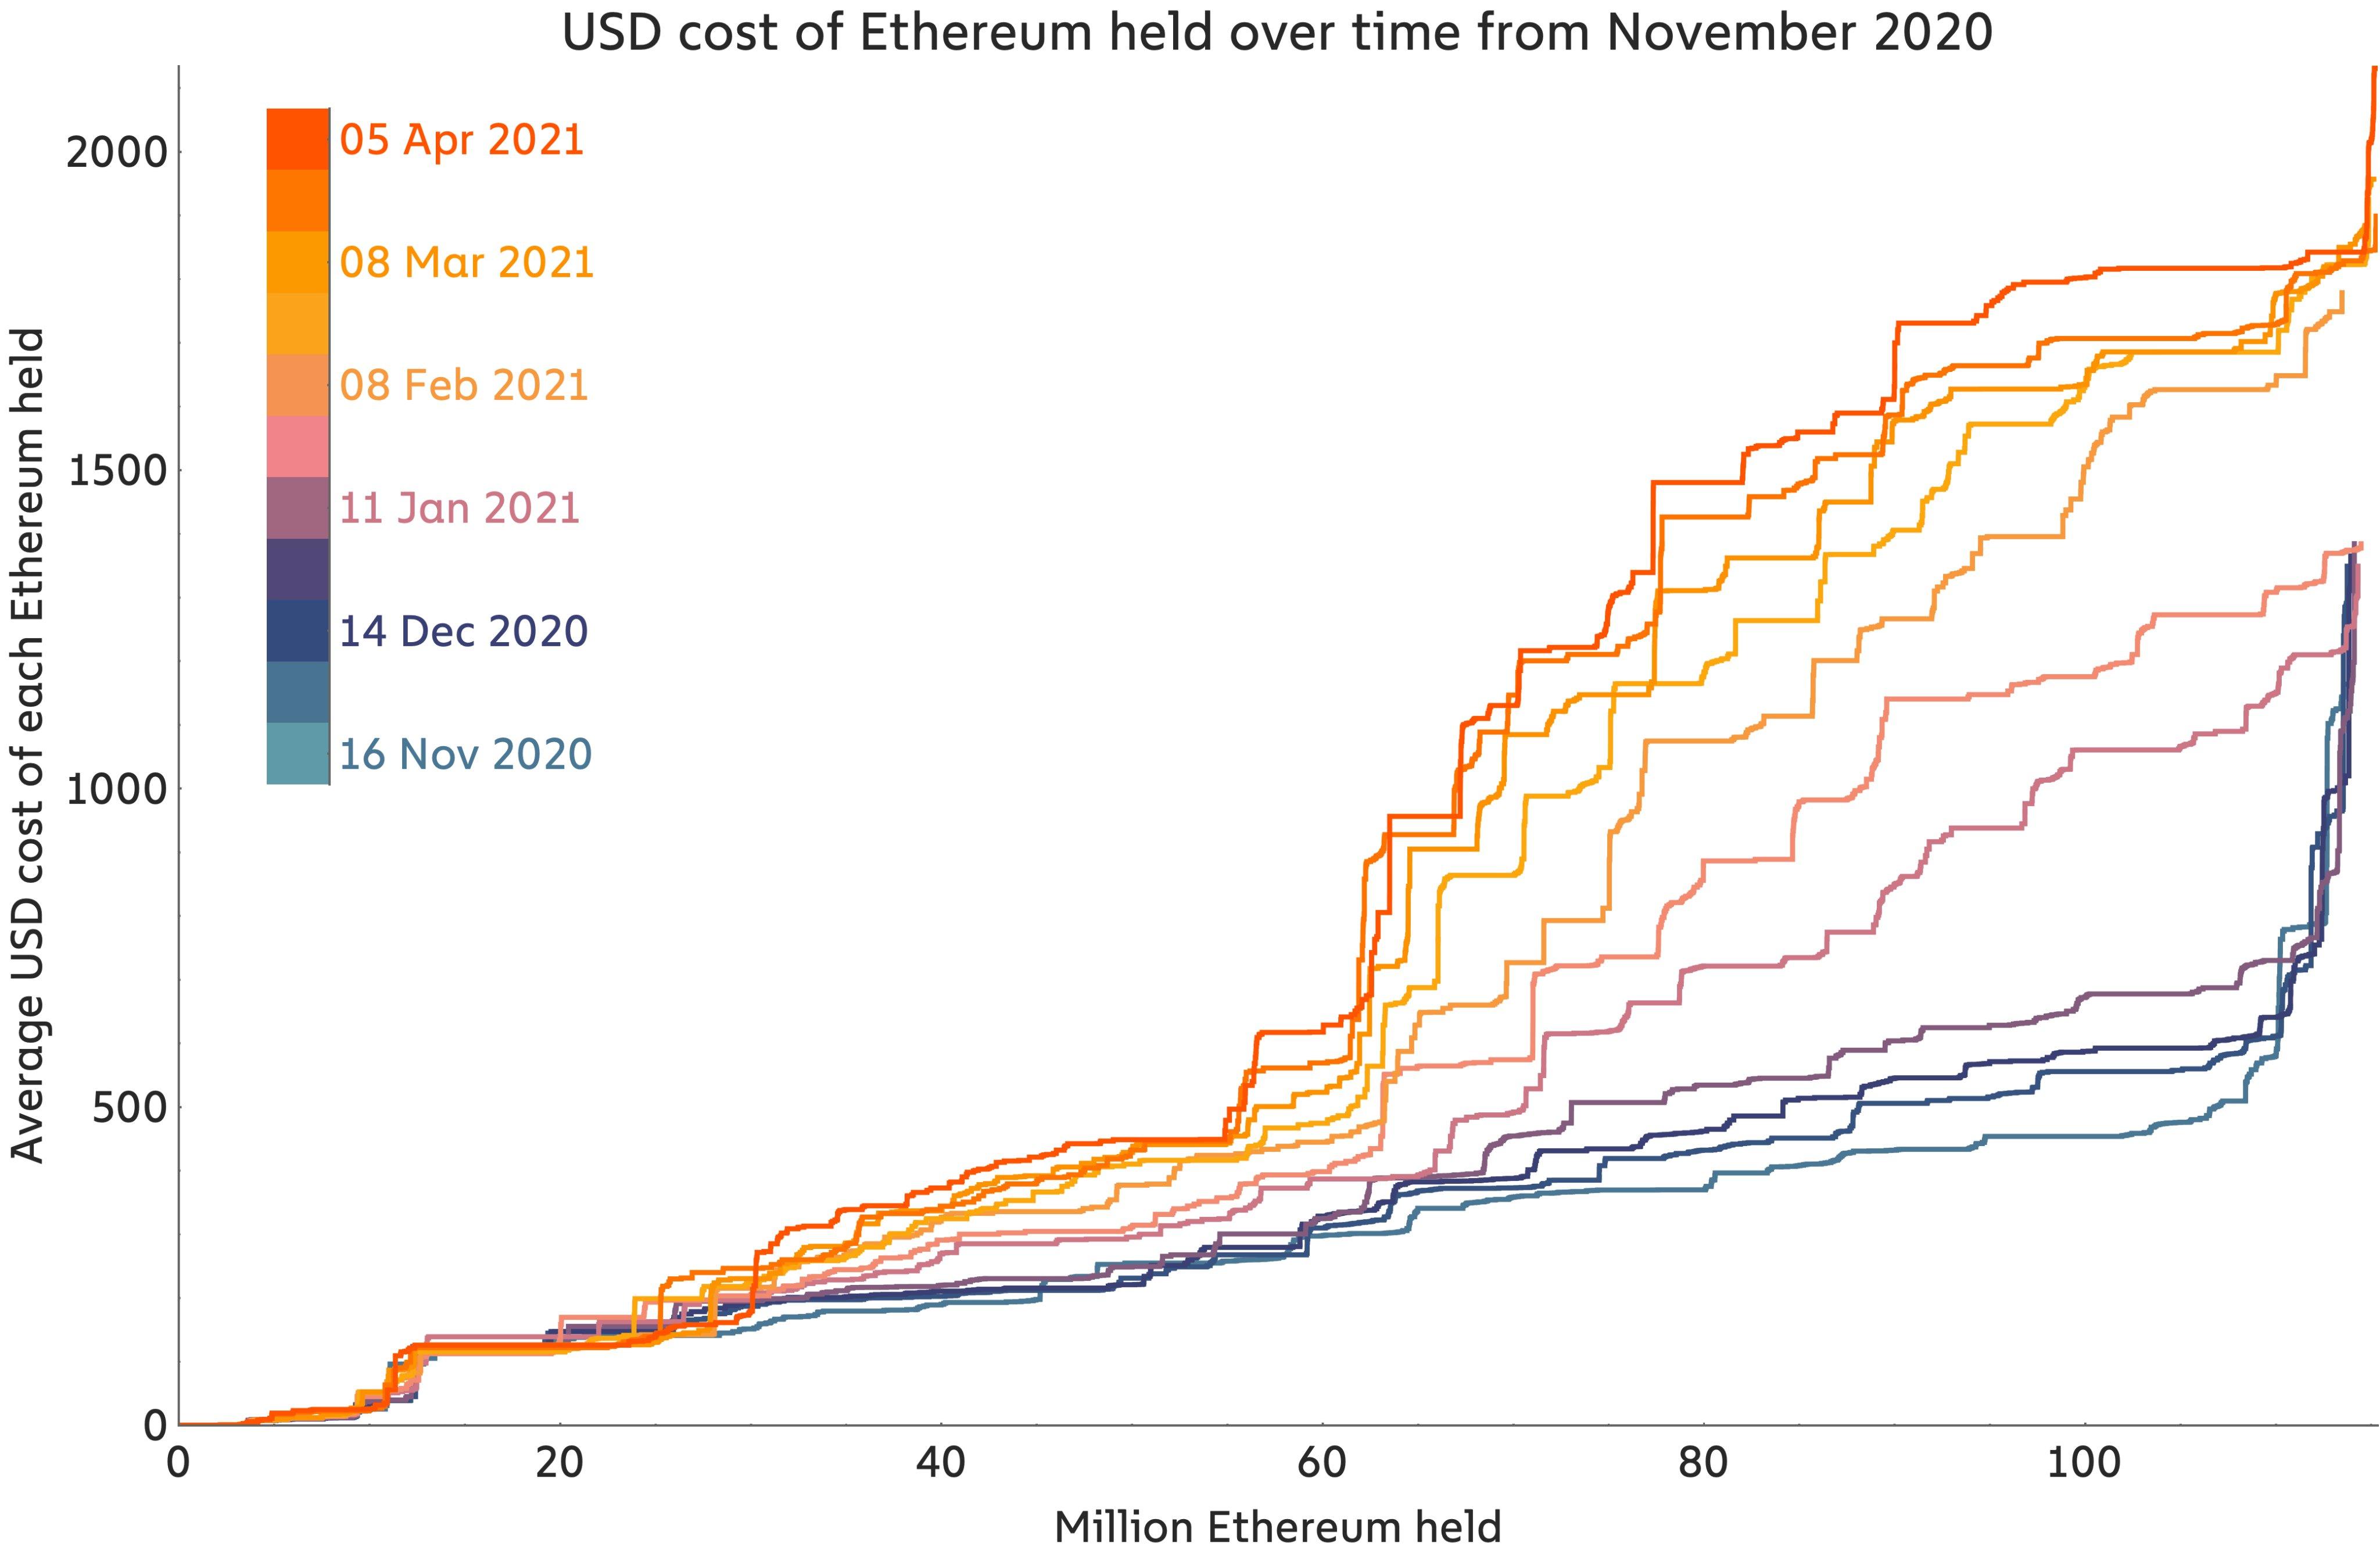 Costo in USD degli Ether conservati da novembre 2020